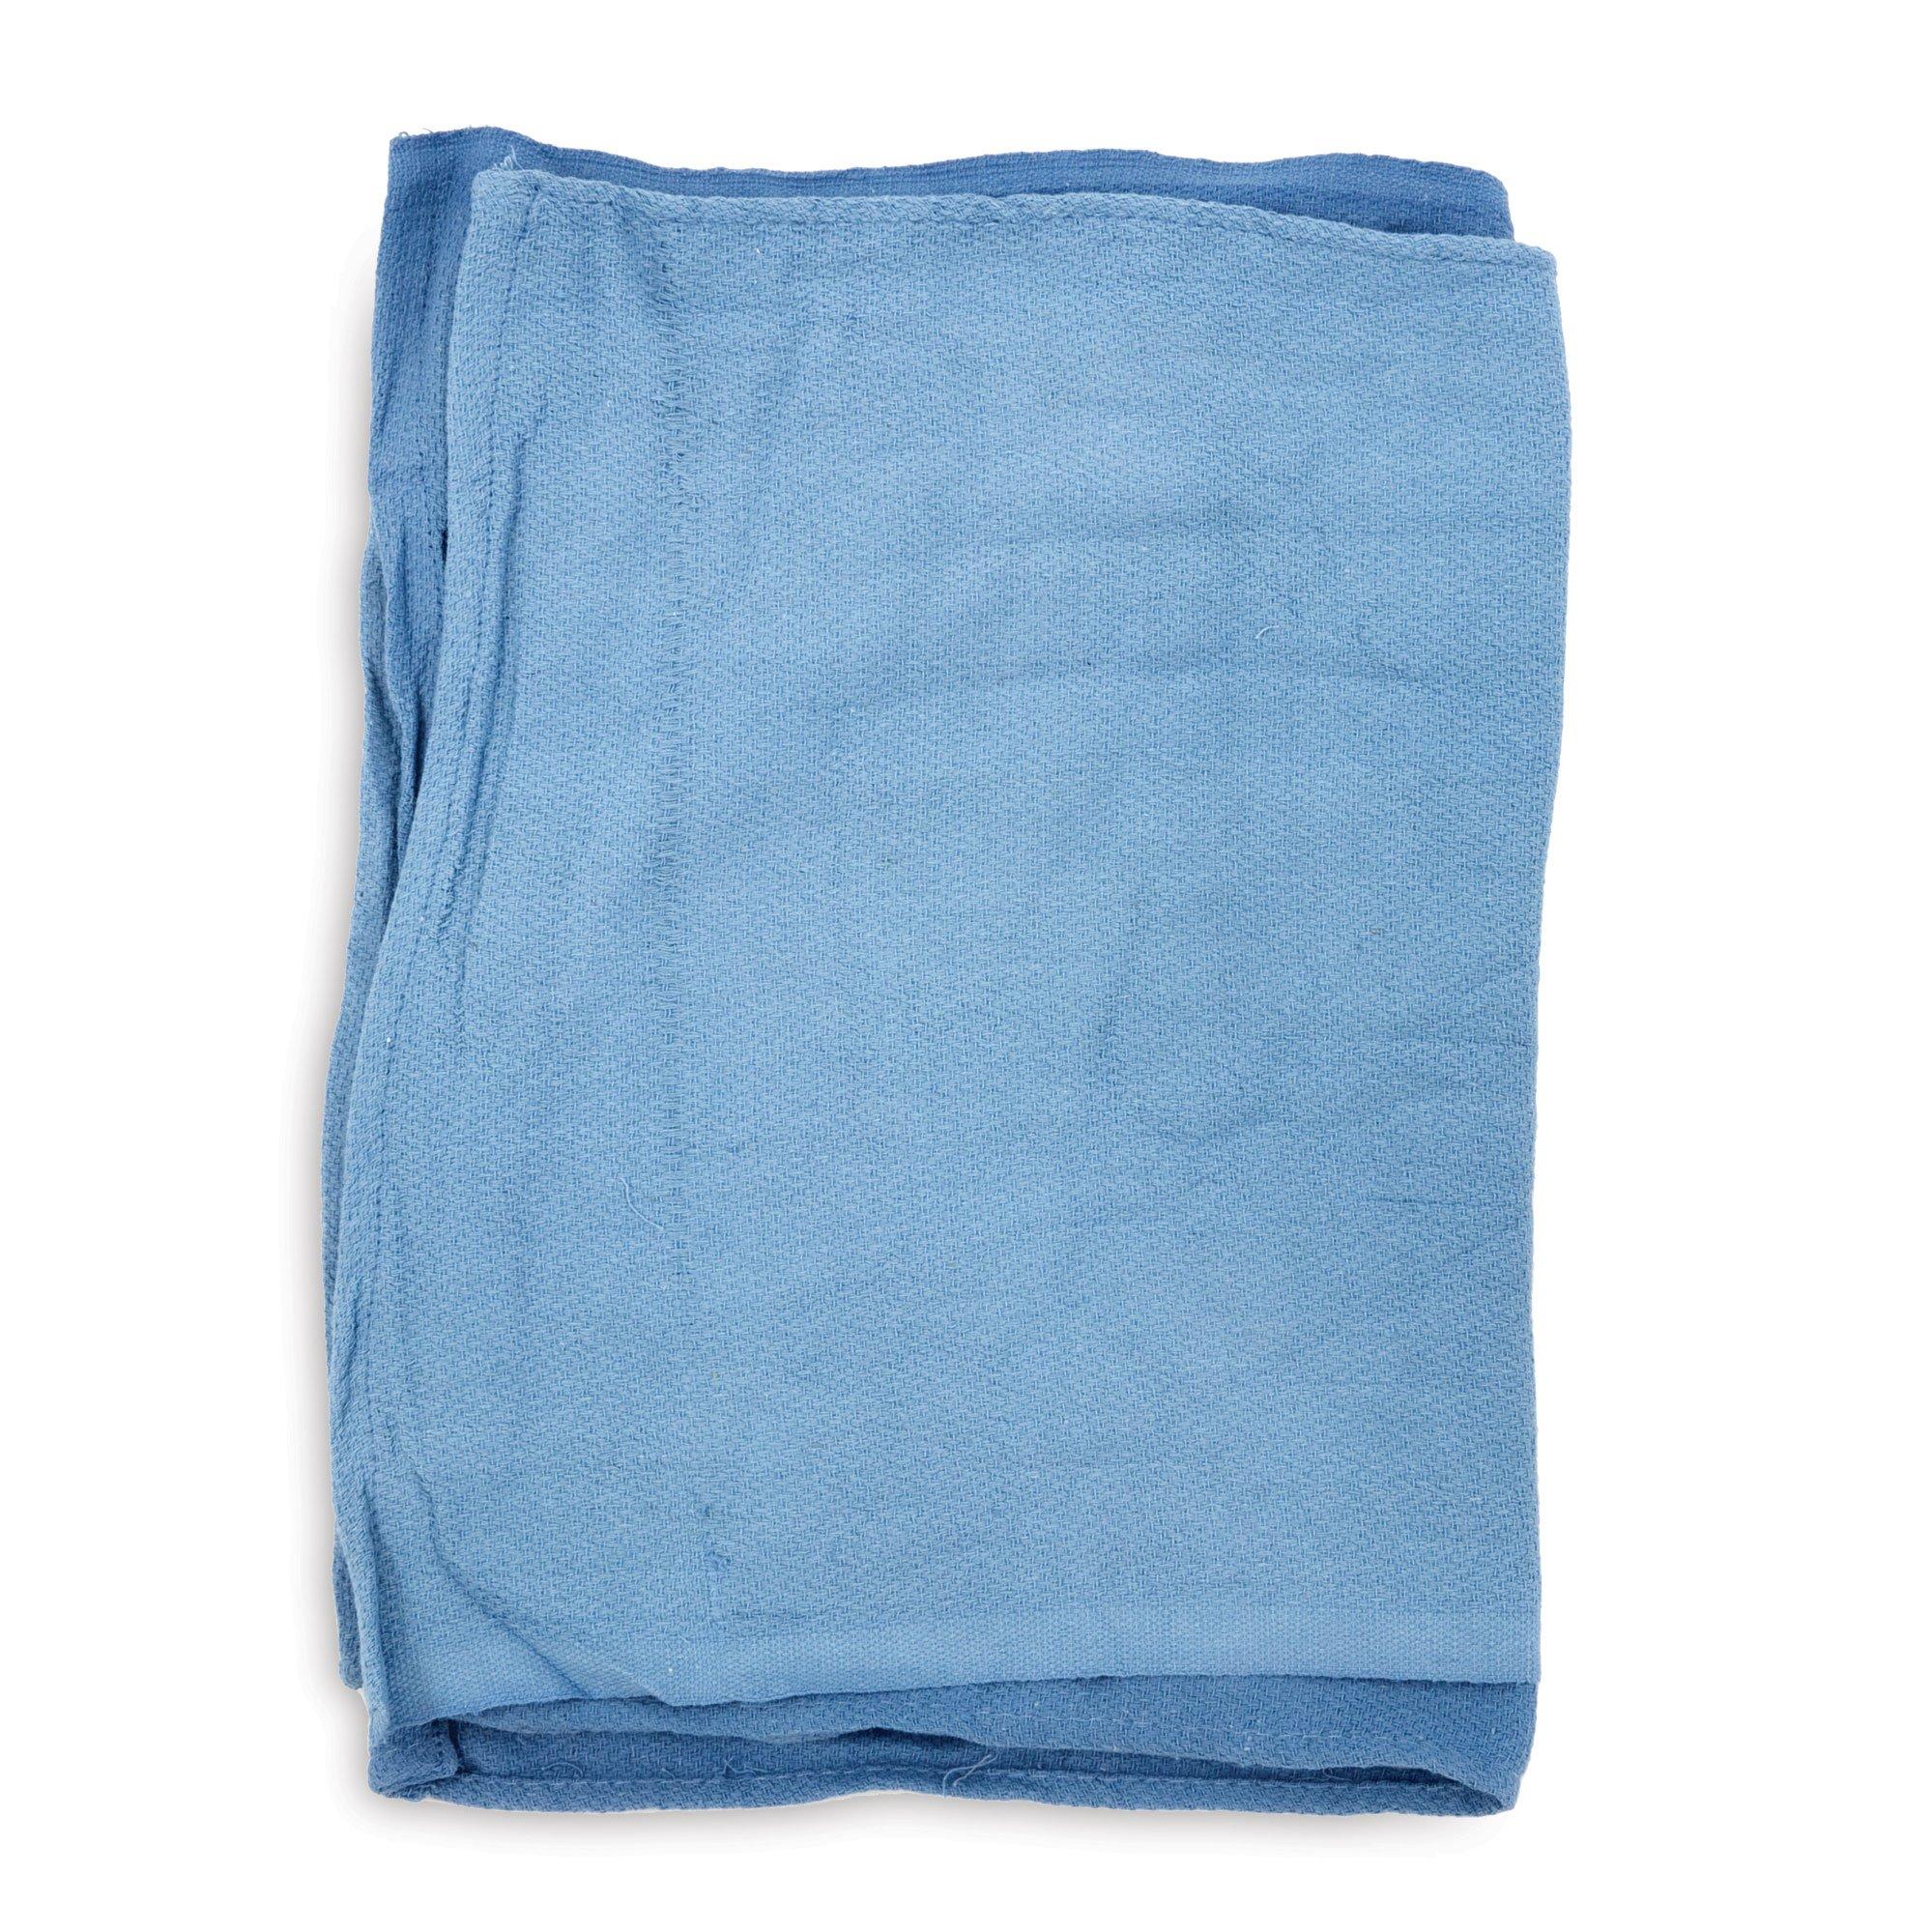 Huck Towels, 16''x25'', Light Blue, 10lb PK